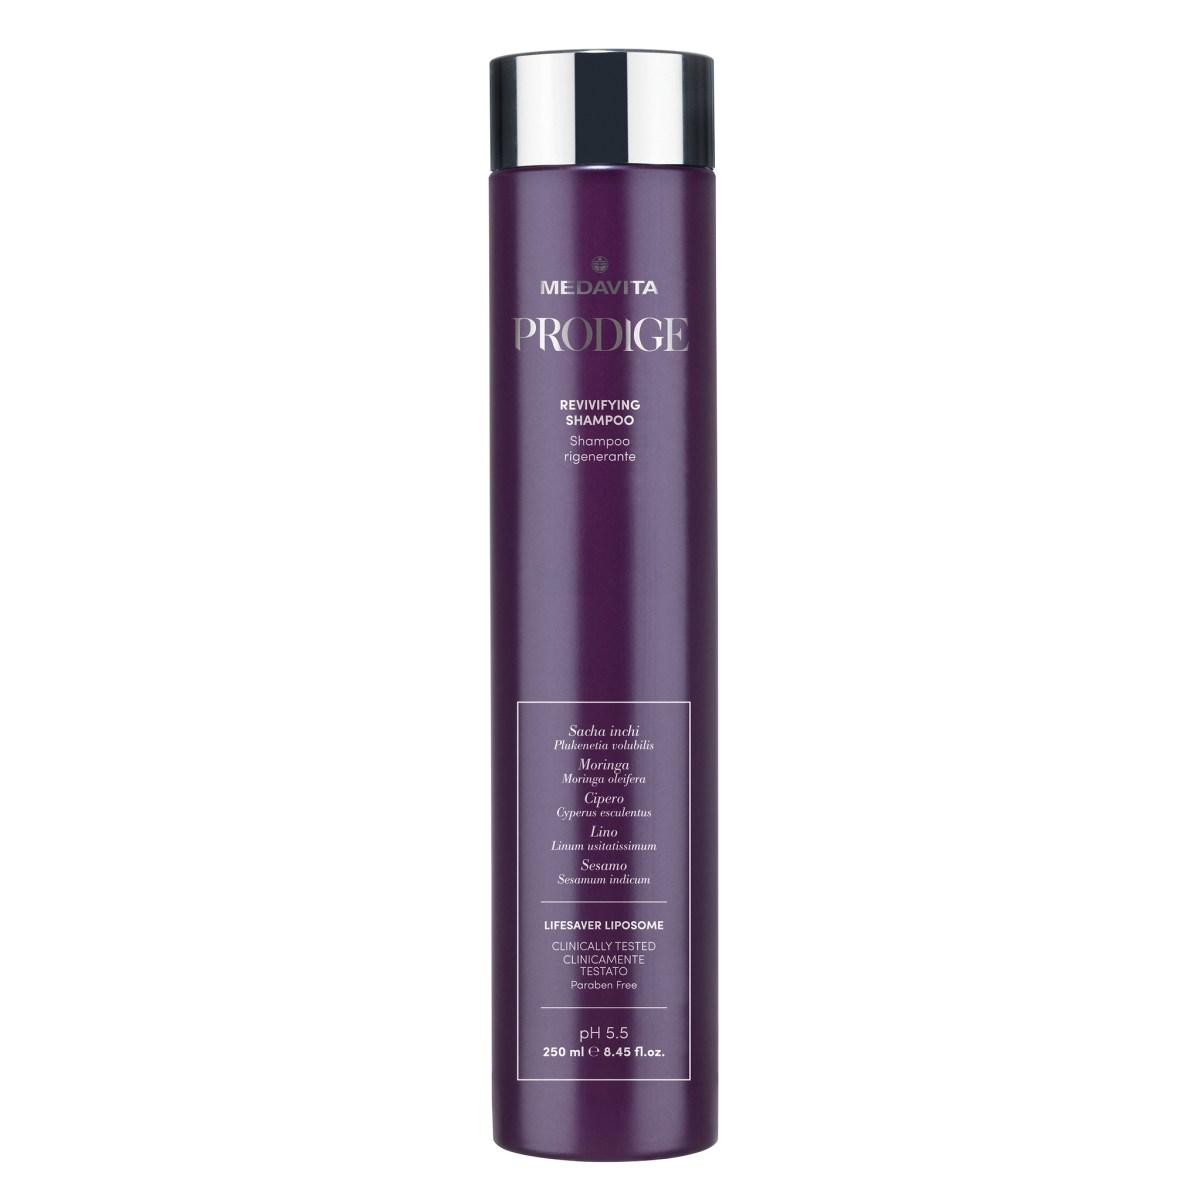 MEDAVITA Prodige Revivifying Shampoo - Szampon rewitalizujący